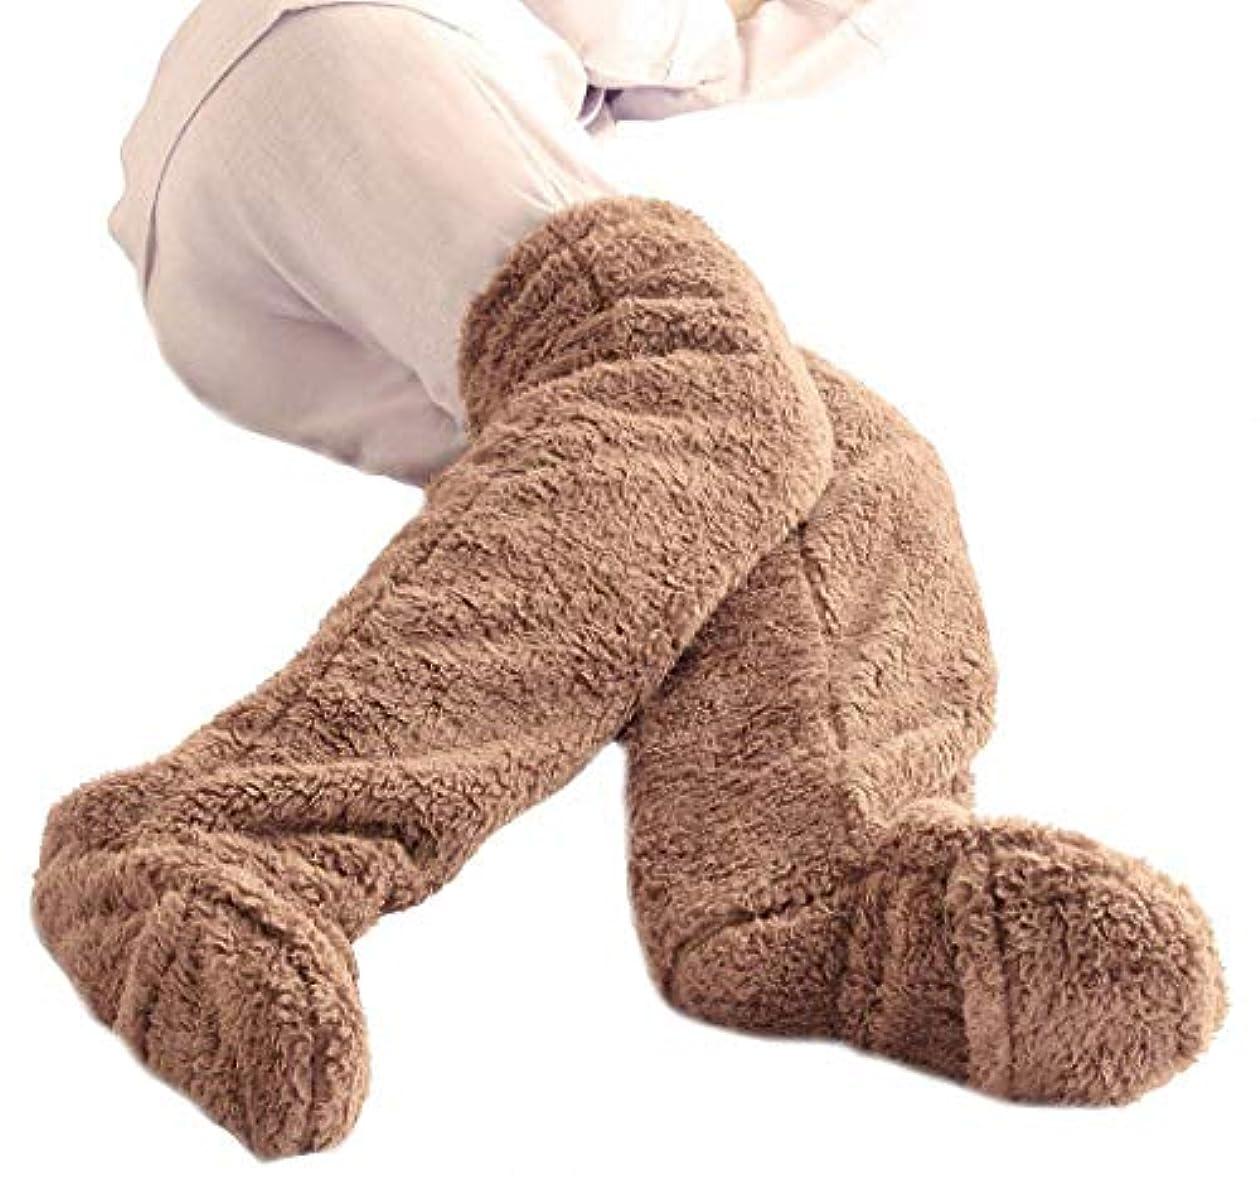 柔和元気なあたたかいフリース生地 室内履き 足が出せるロングカバー 軽量ヒートソックス 歩ける ロングカバー 極暖 ルームソックスルームシューズ